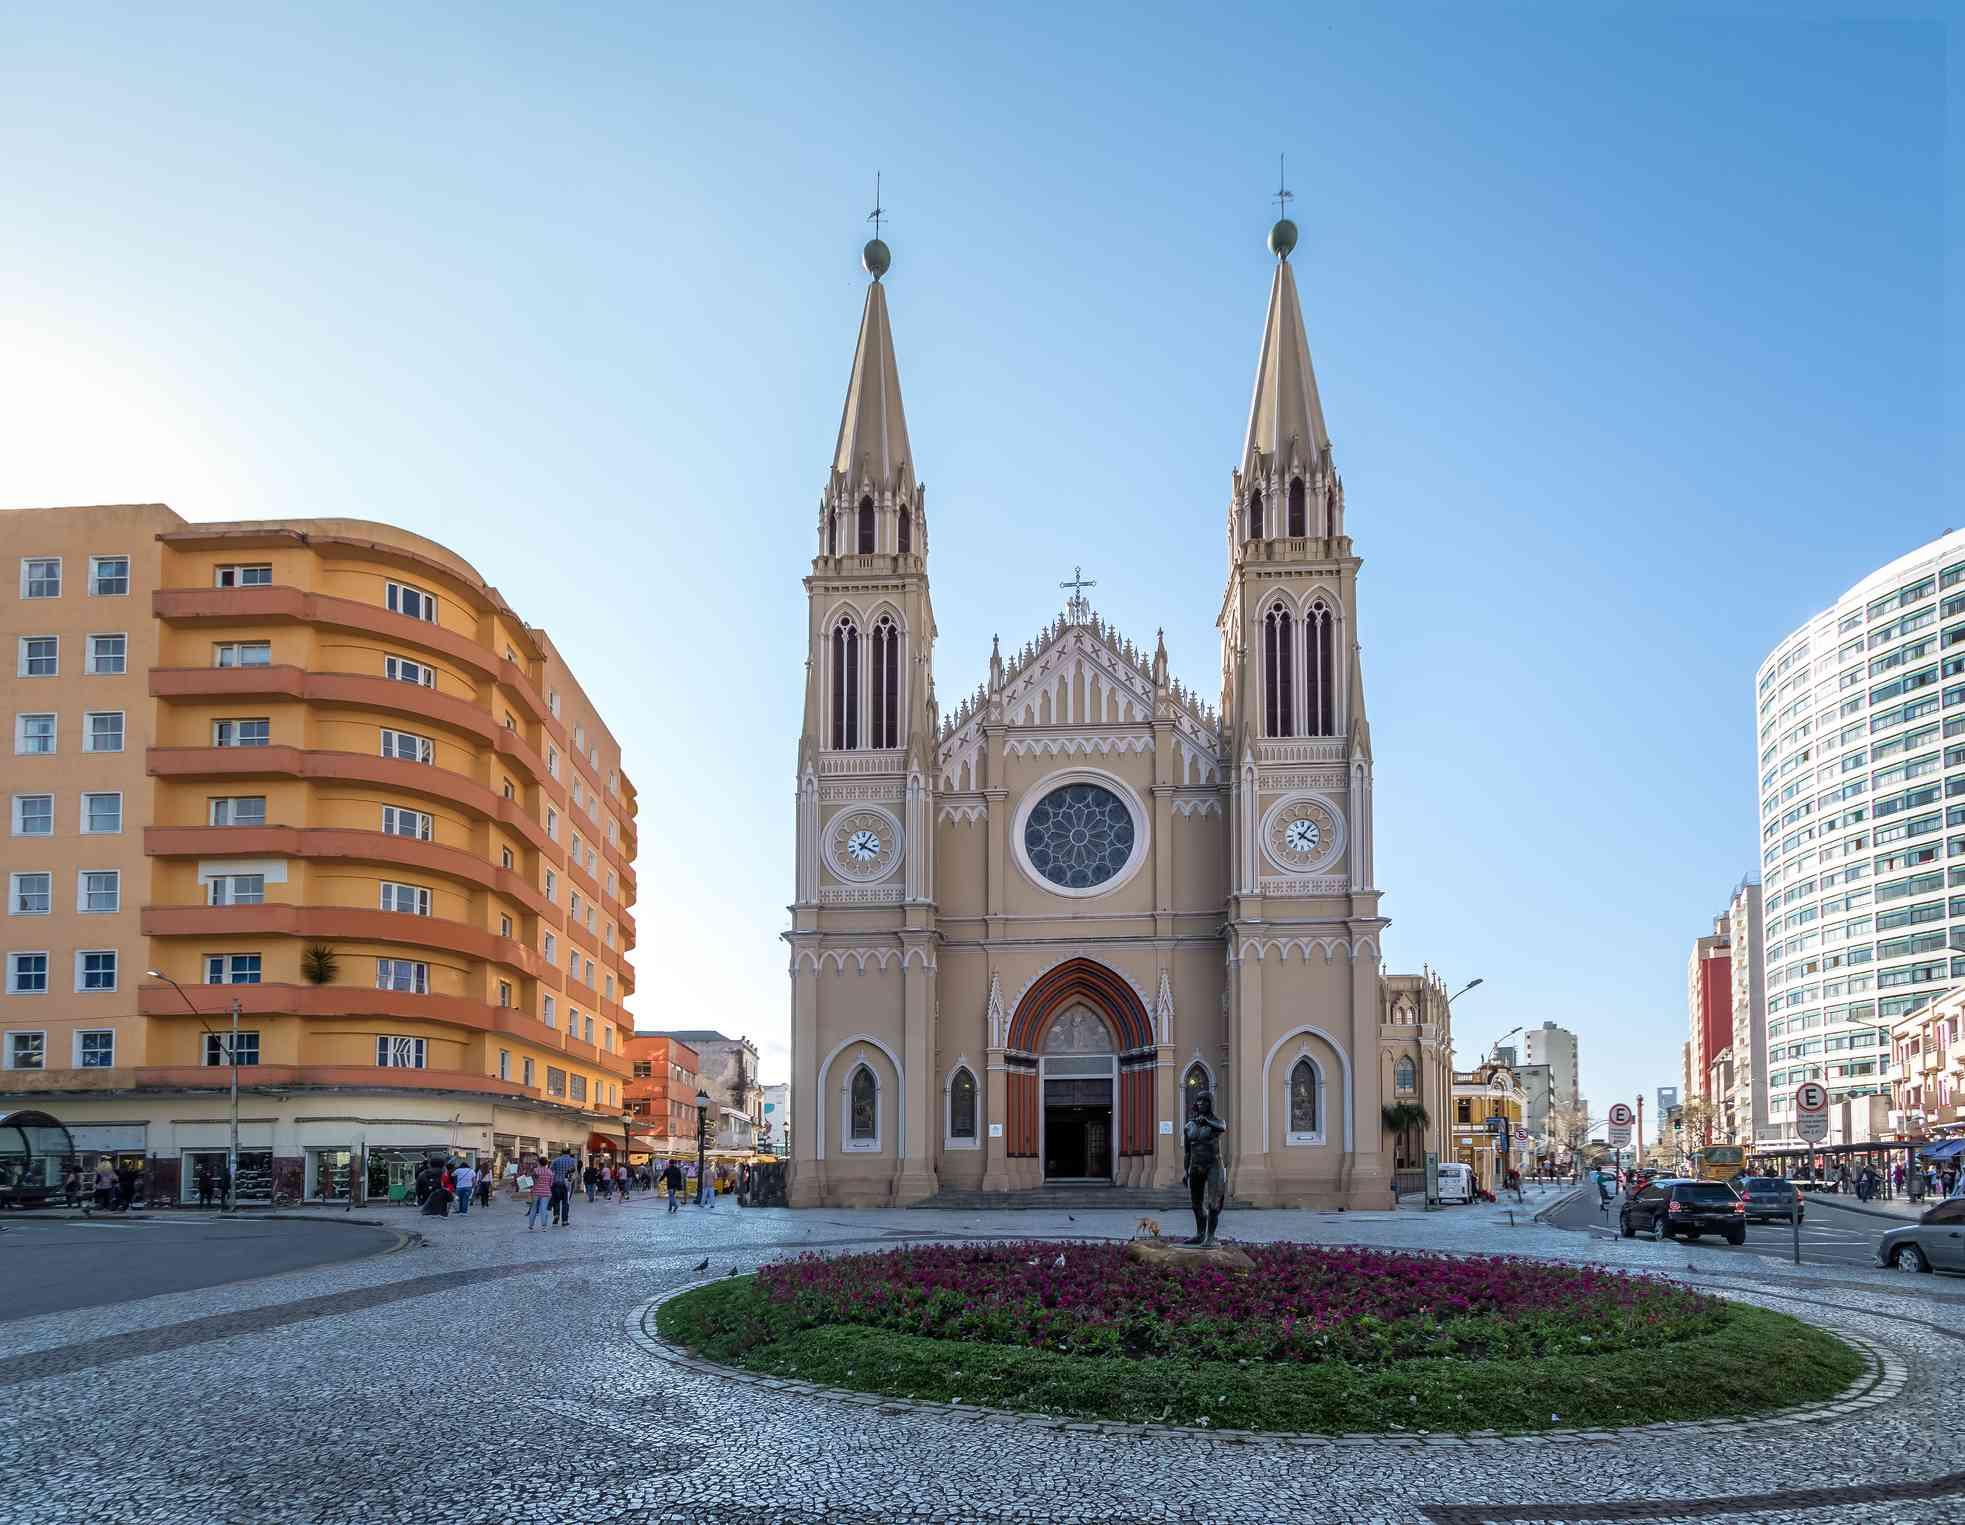 Catedral de Curitiba - Curitiba, Paraná, Brasil